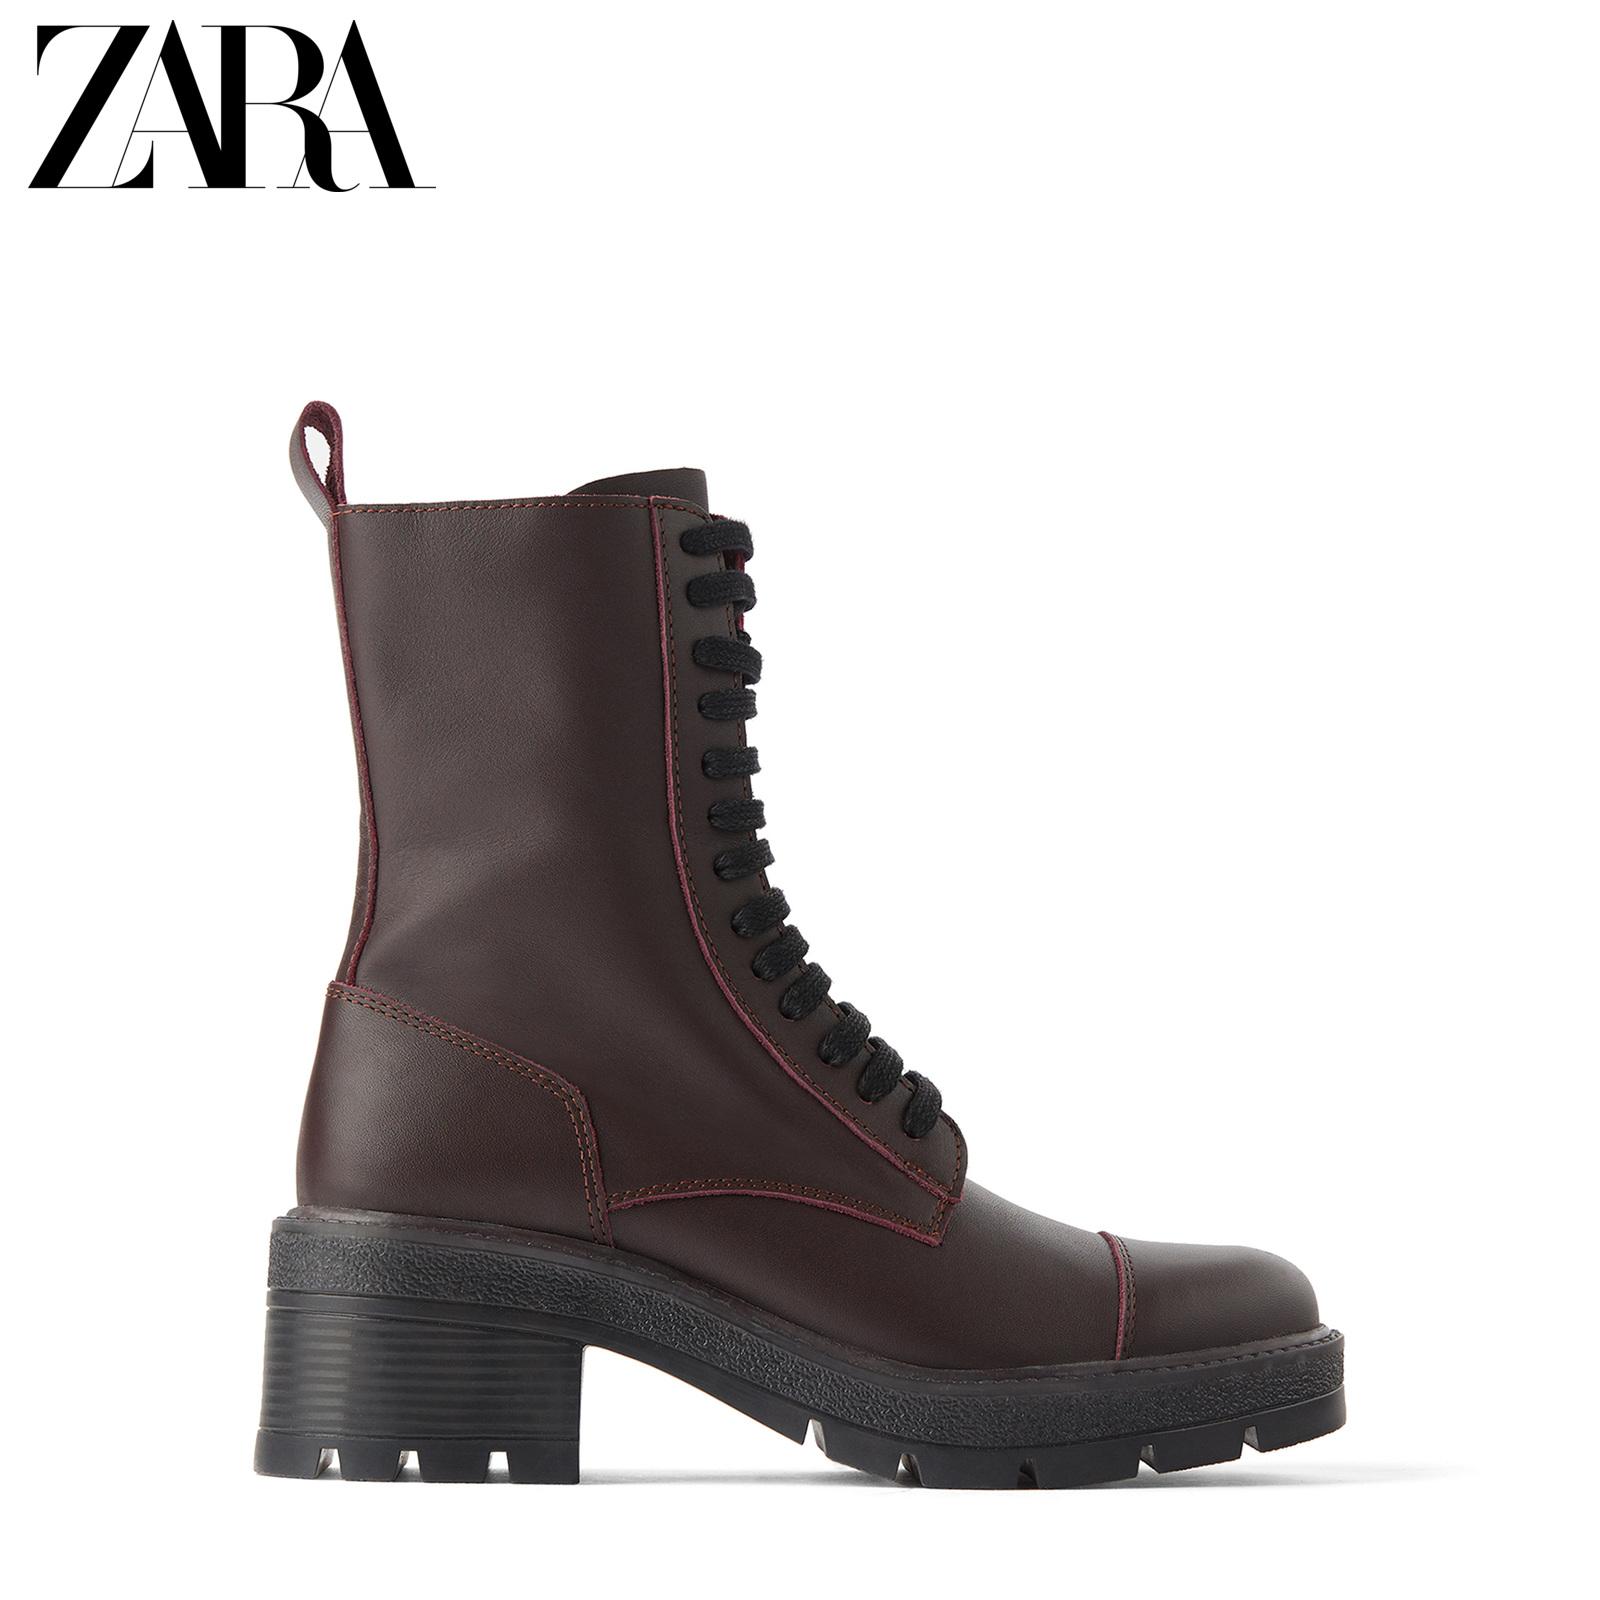 ZARA新款 TRF 女鞋 绛红色绑带牛皮革真皮马丁短靴 13115510022